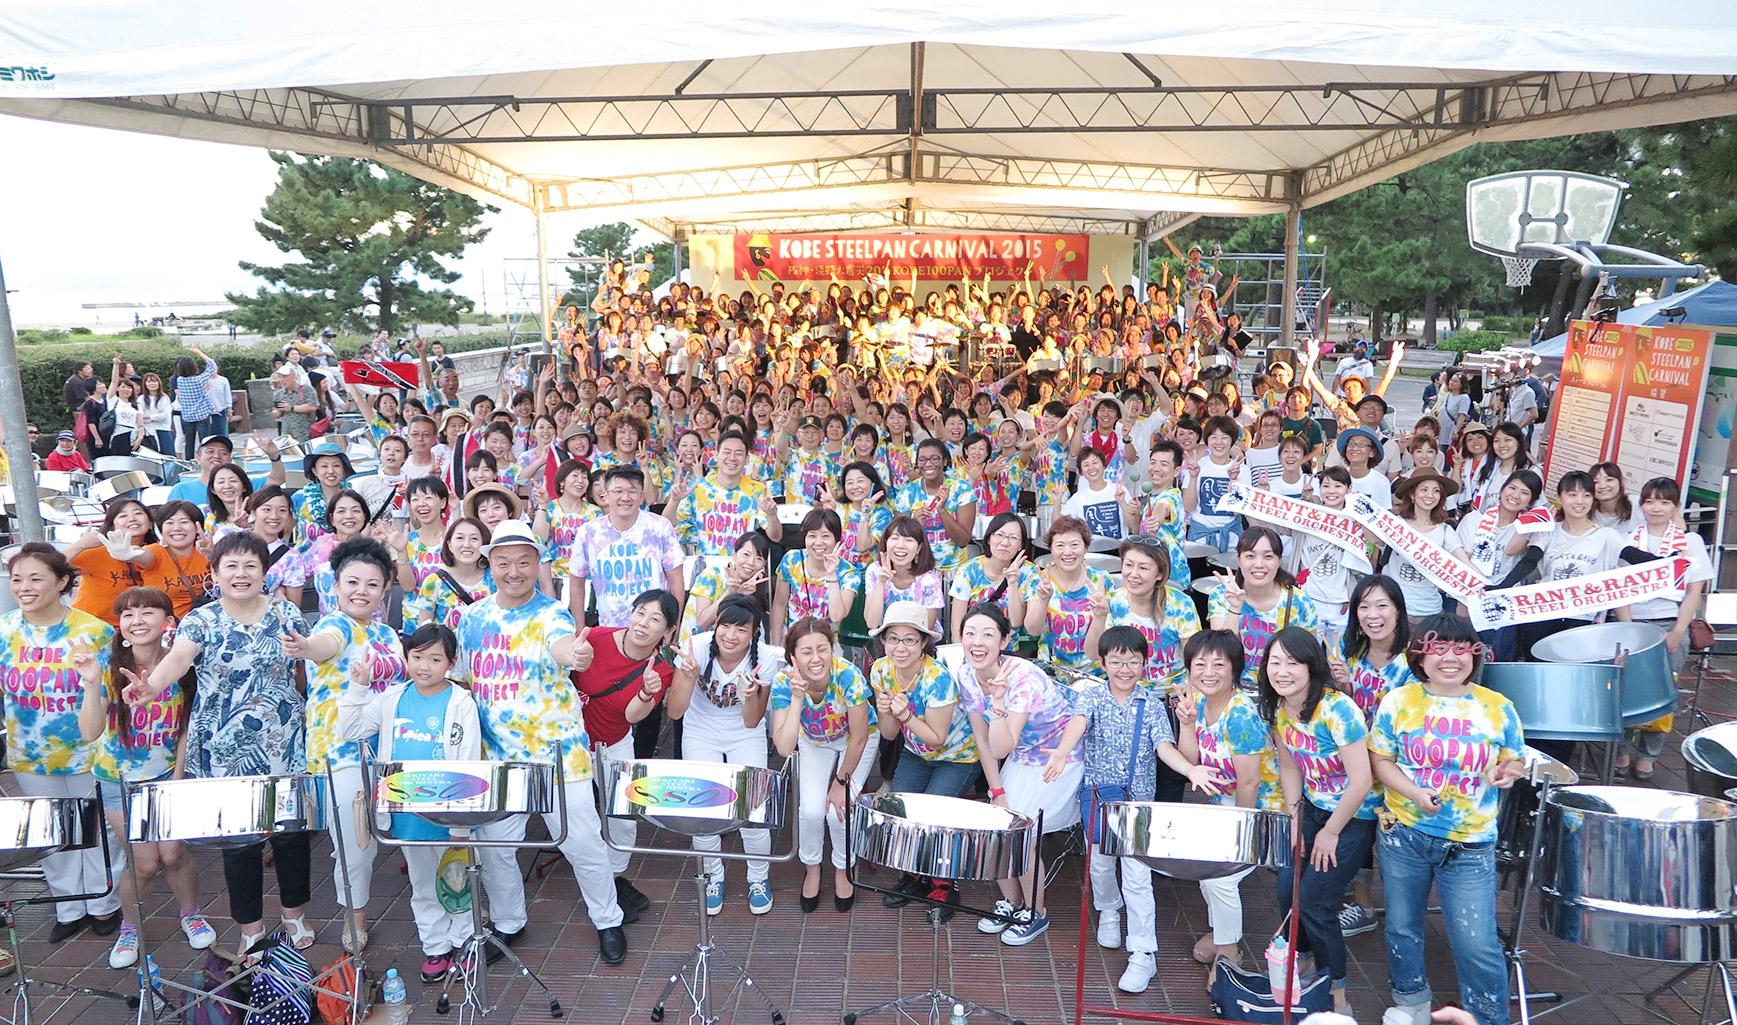 音楽は、明日を生きる希望になる!神戸新長田から届ける、元気と笑顔のメッセージ